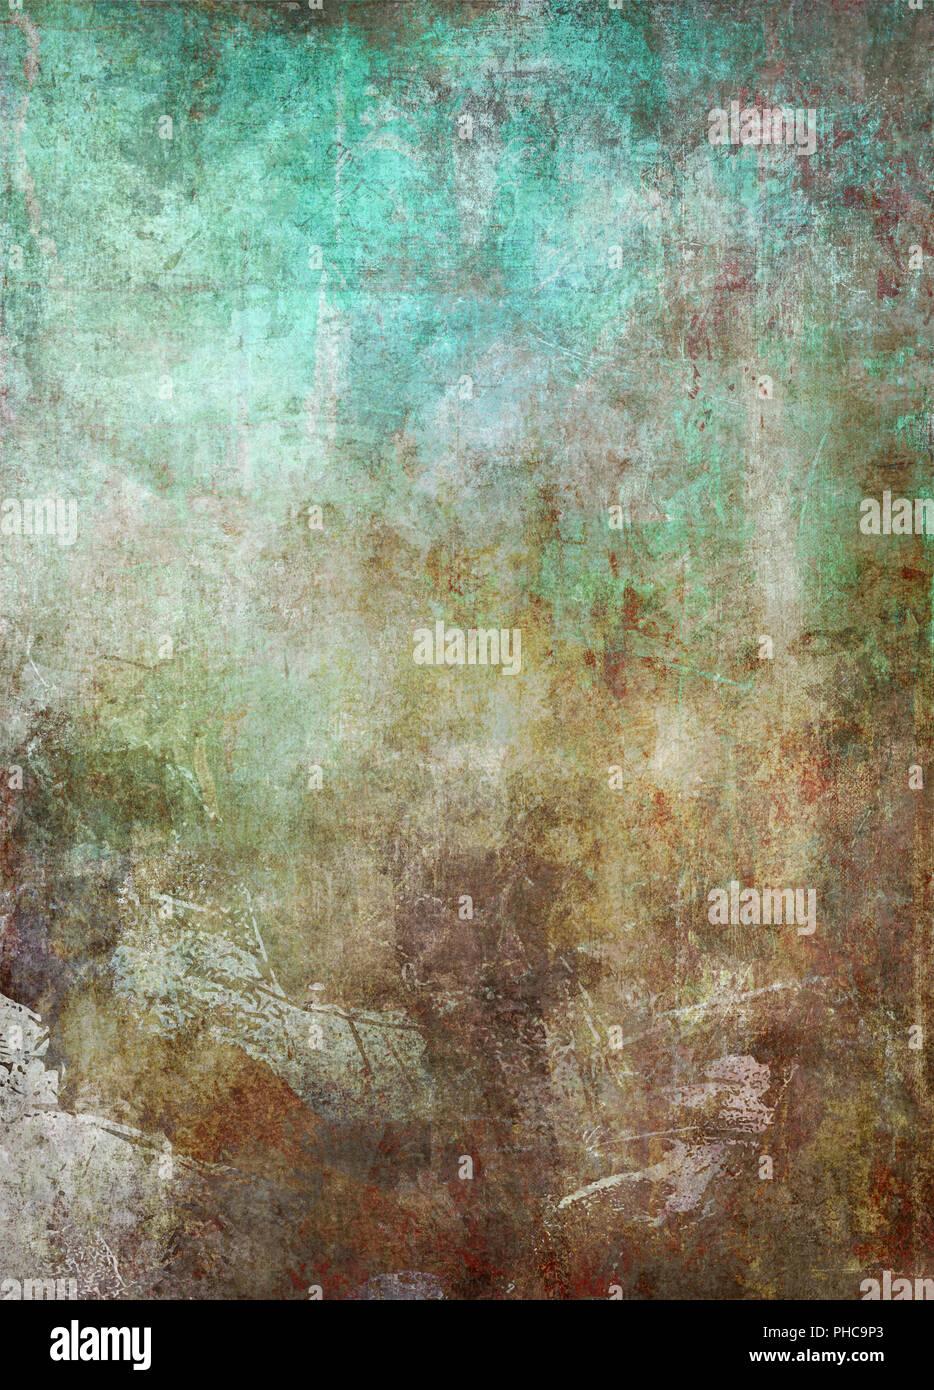 abstract mixed media artwork patina - Stock Image